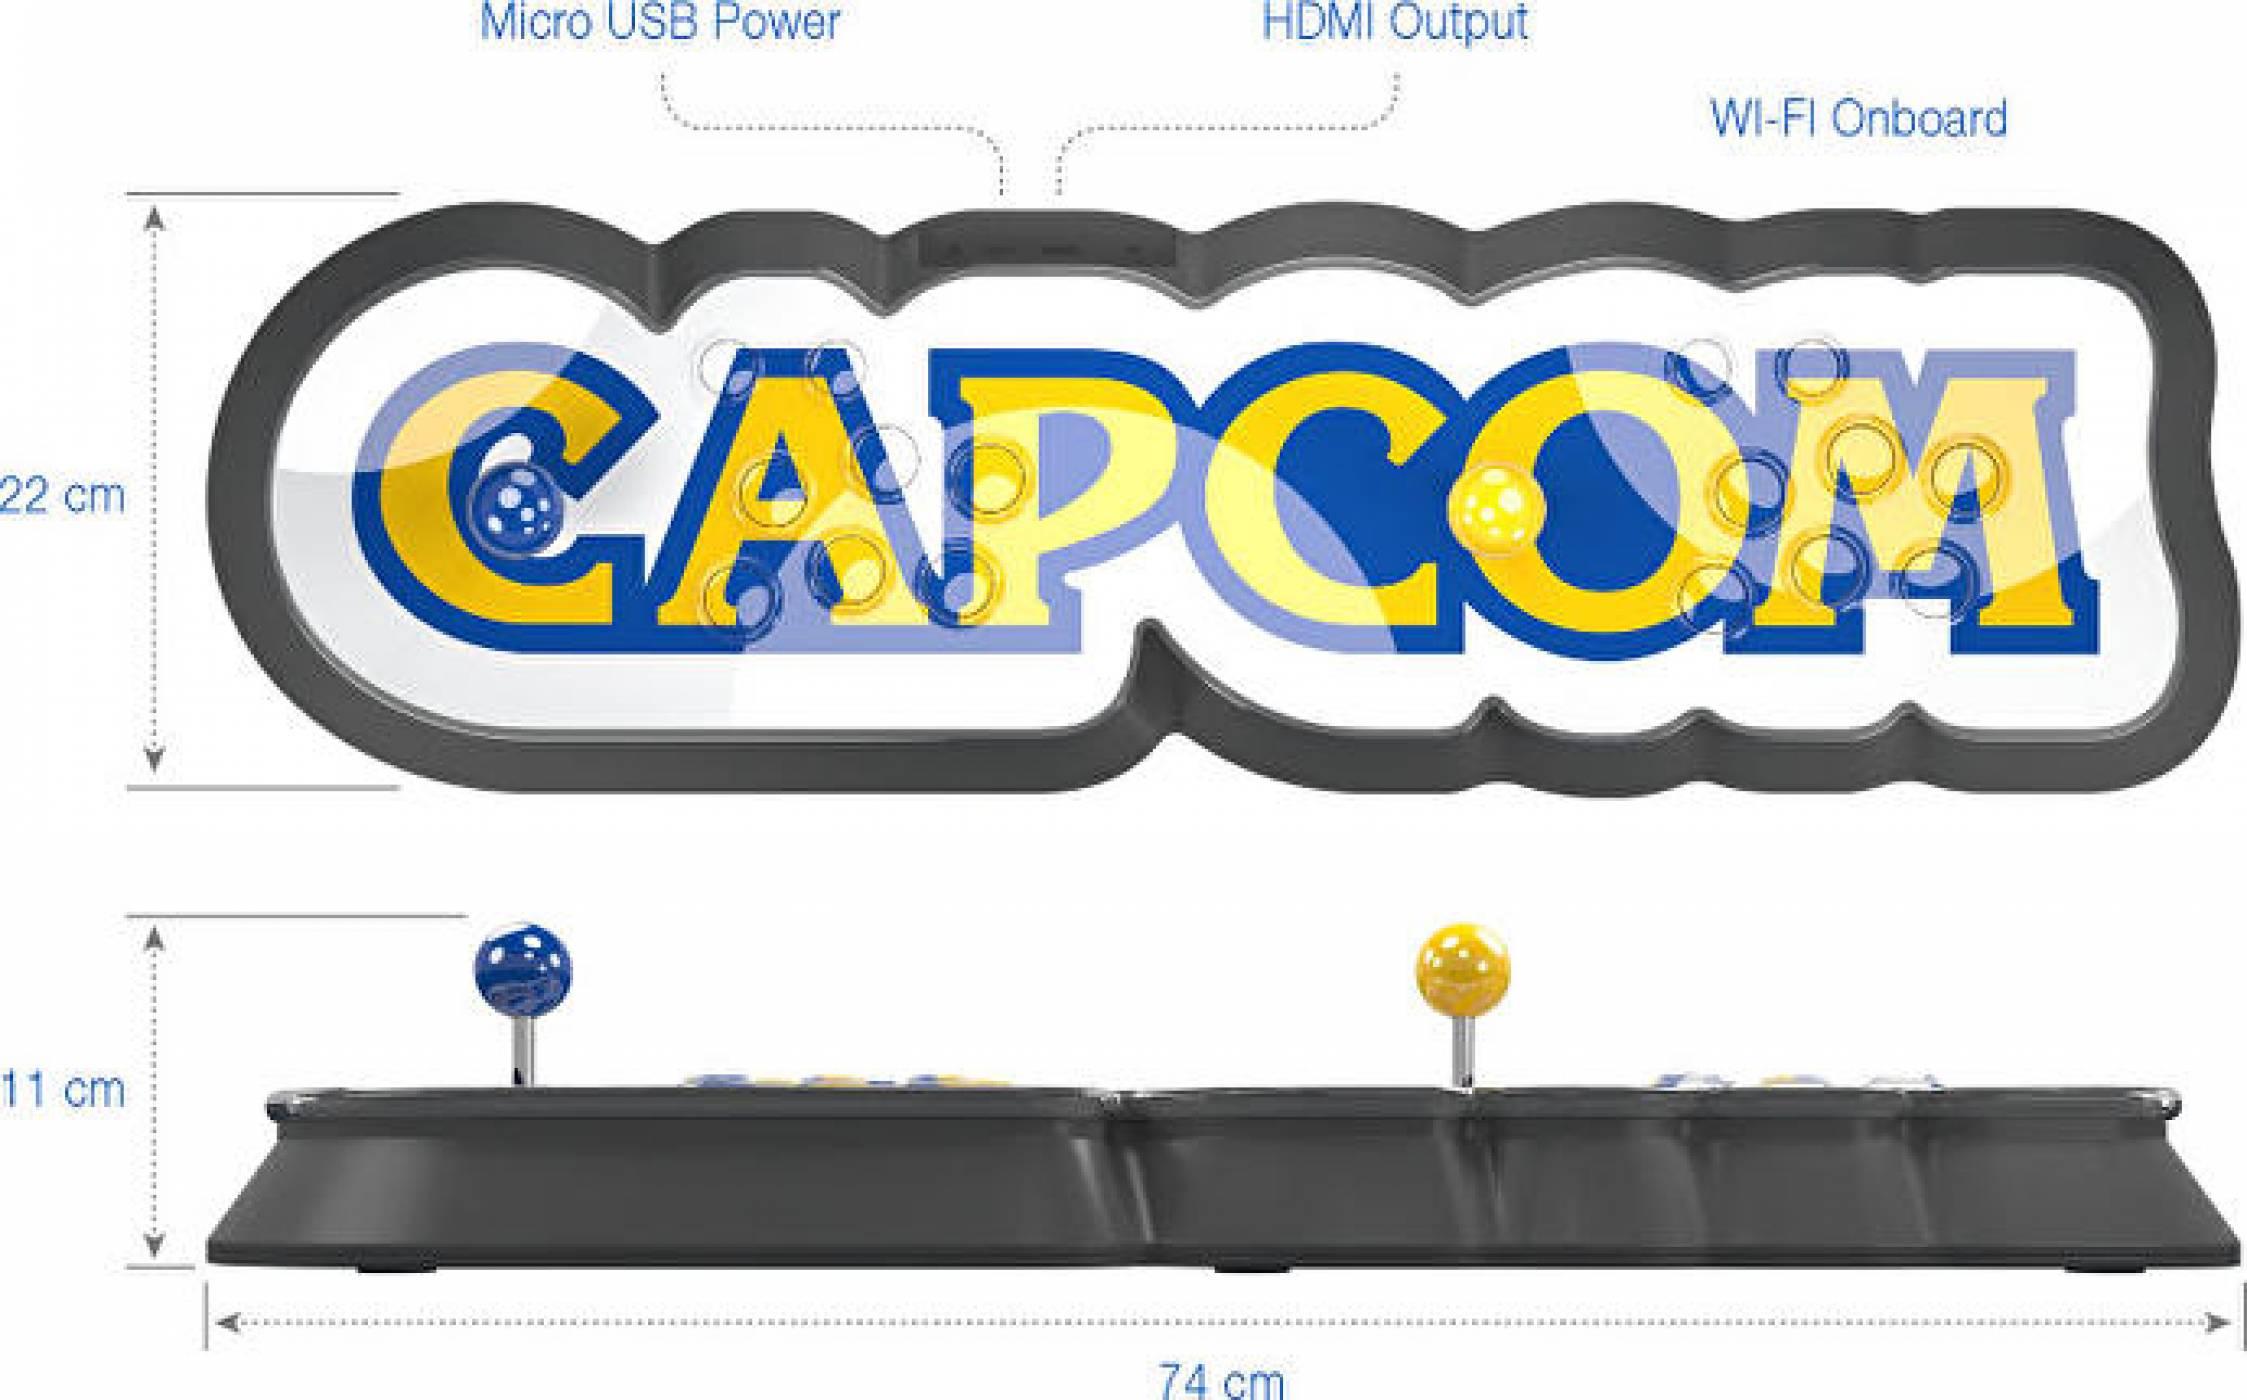 Capcom се включва в истерията с мини конзолите с уникално предложение (ВИДЕО)